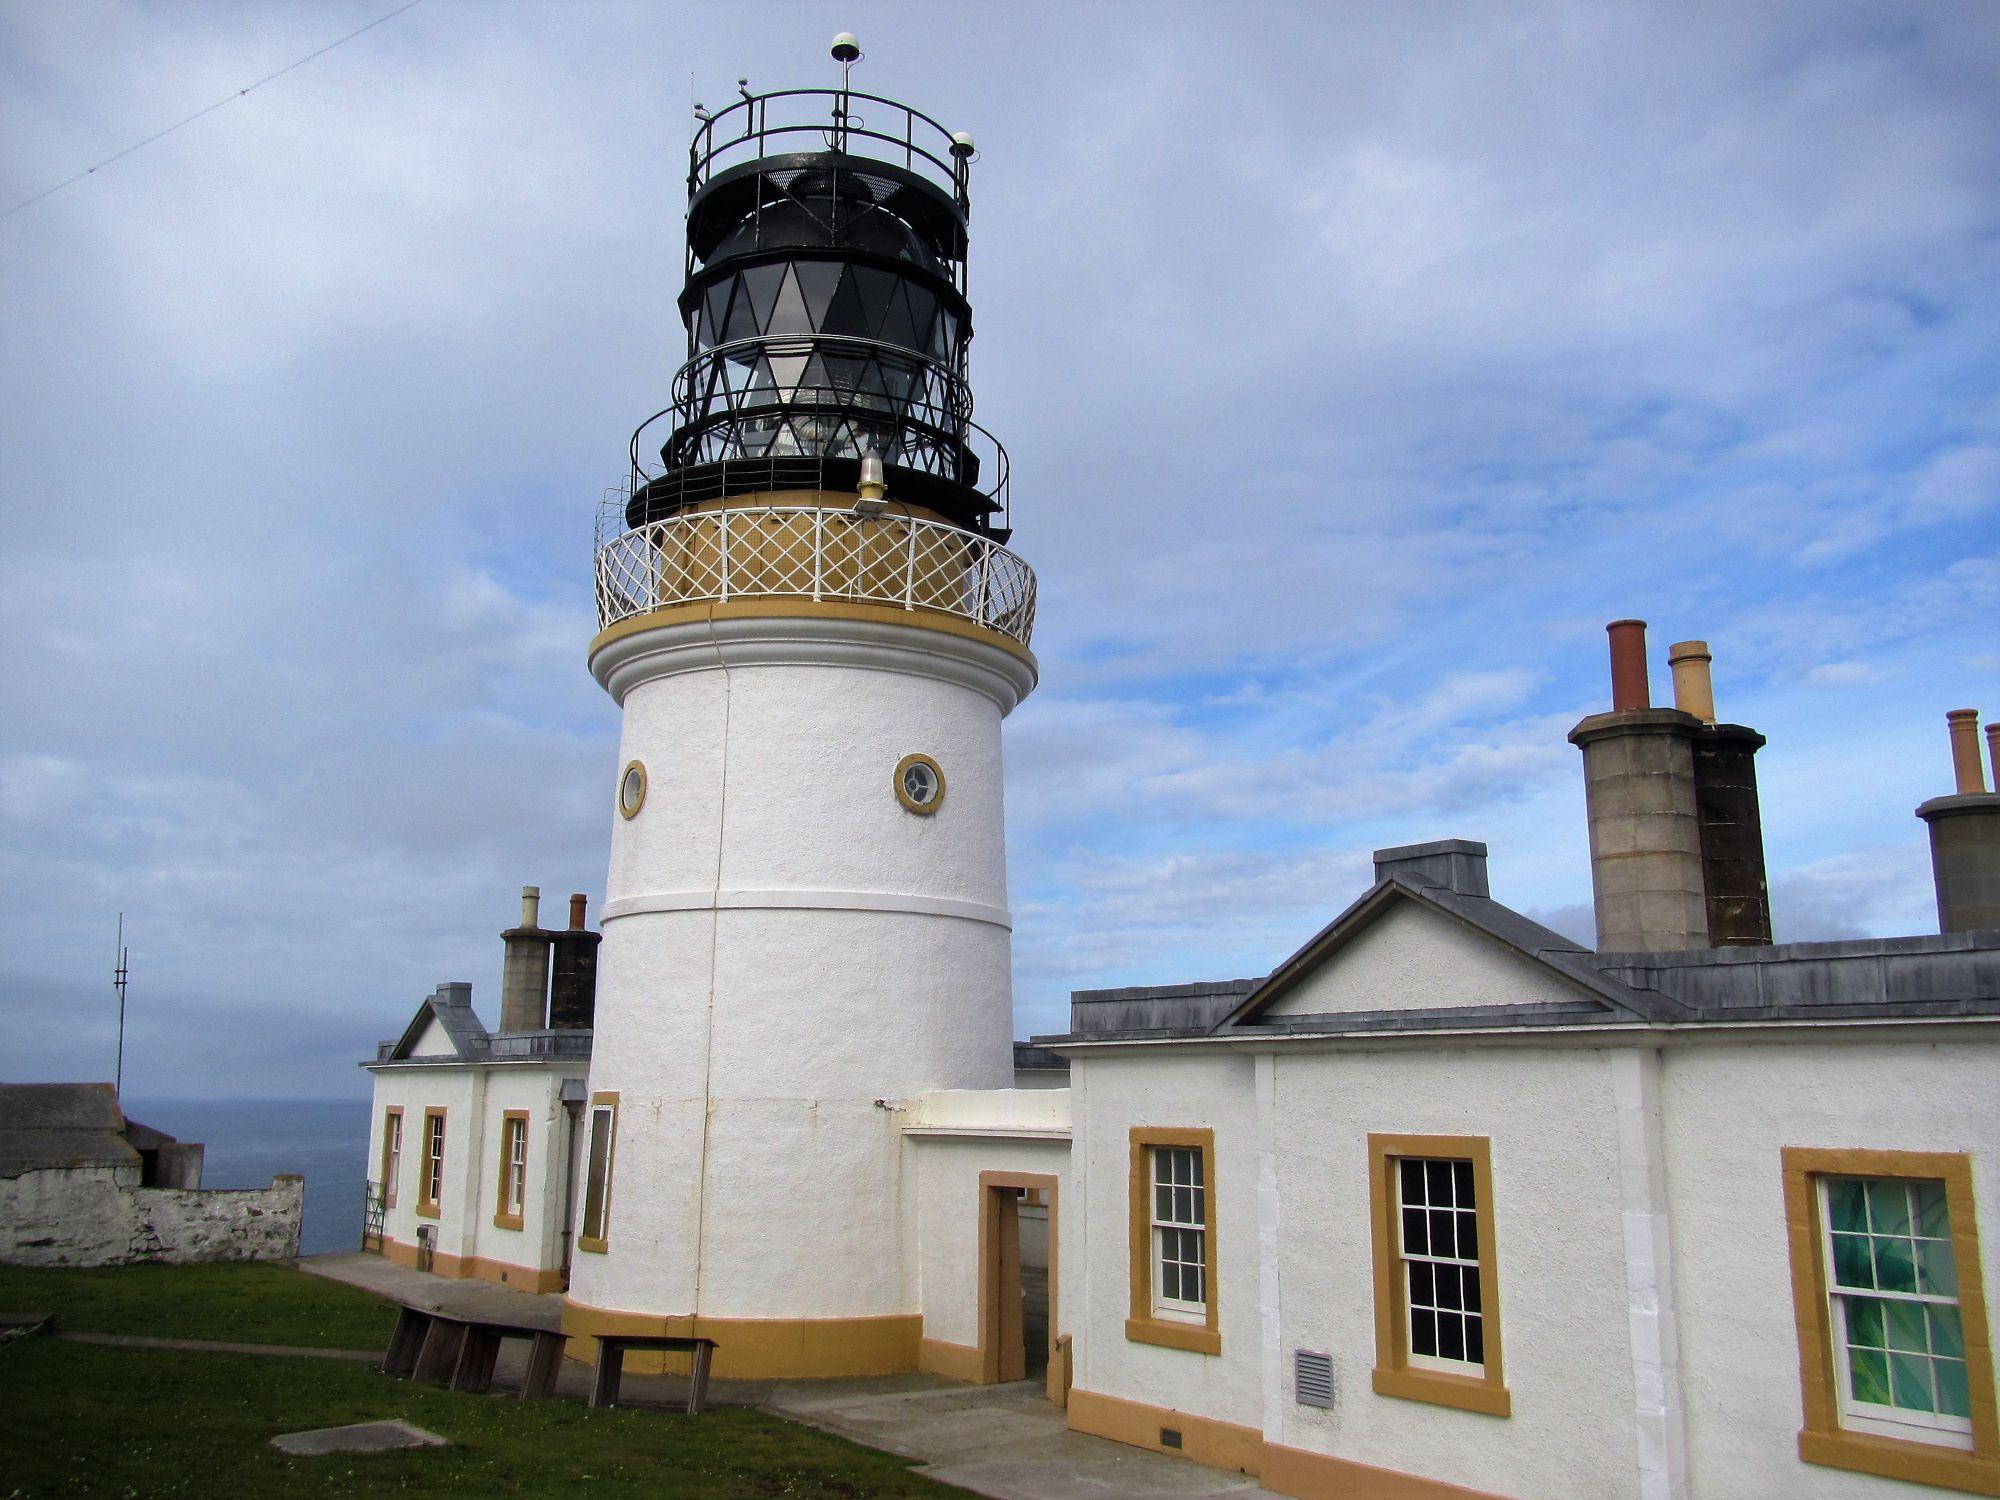 Sumbrigh Head lighthouse